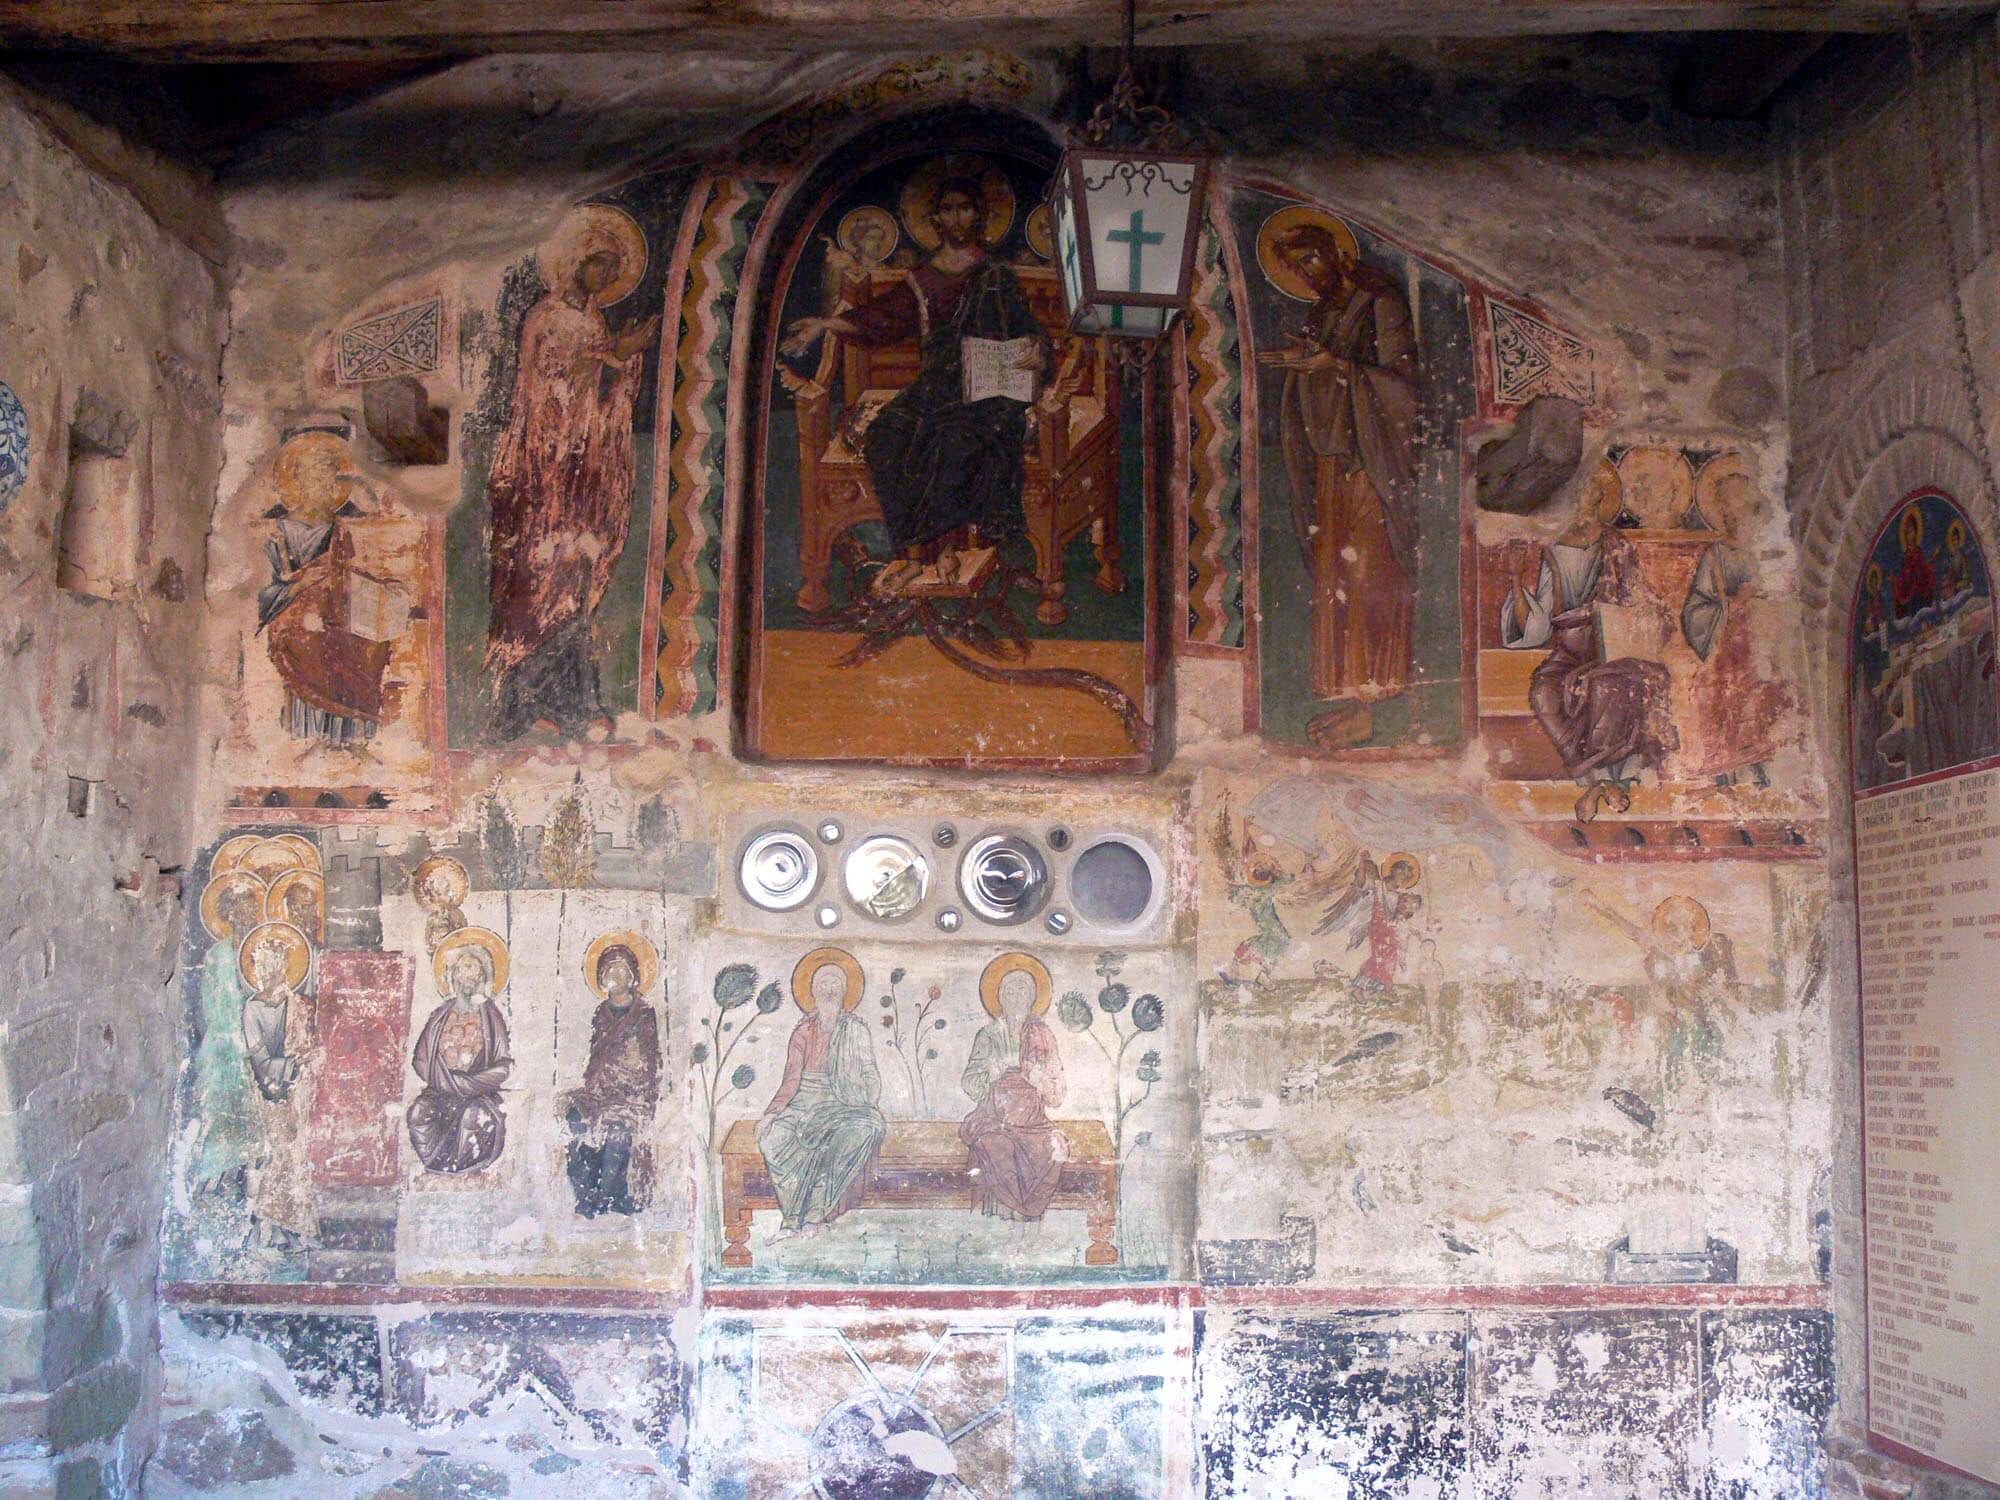 Фреска Второе Пришествие в монастыре Мегала Метеора